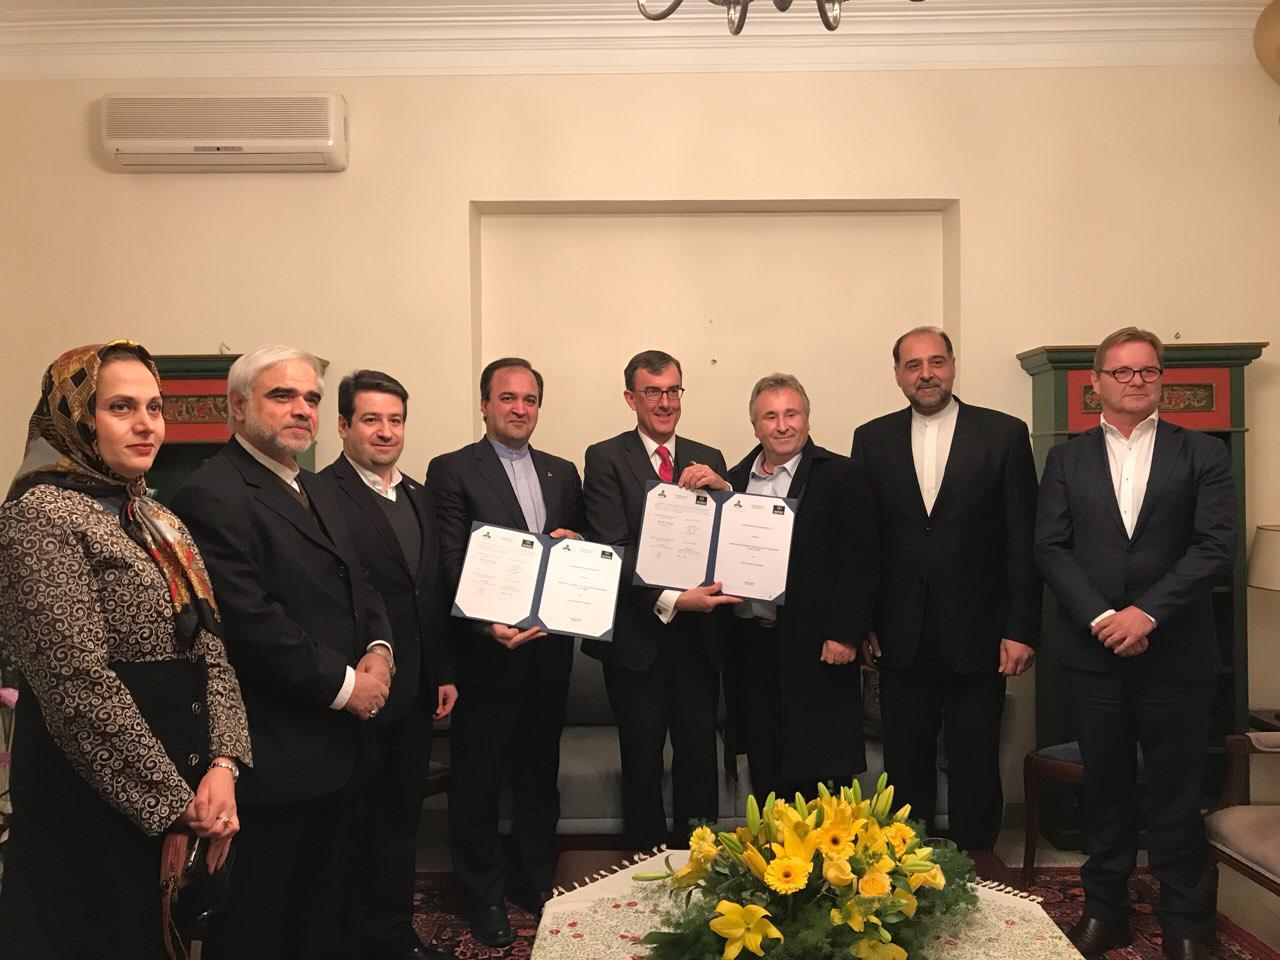 امضای موافقتنامه توسعه همکاریهای صنعتی استرالیا و ایدرو